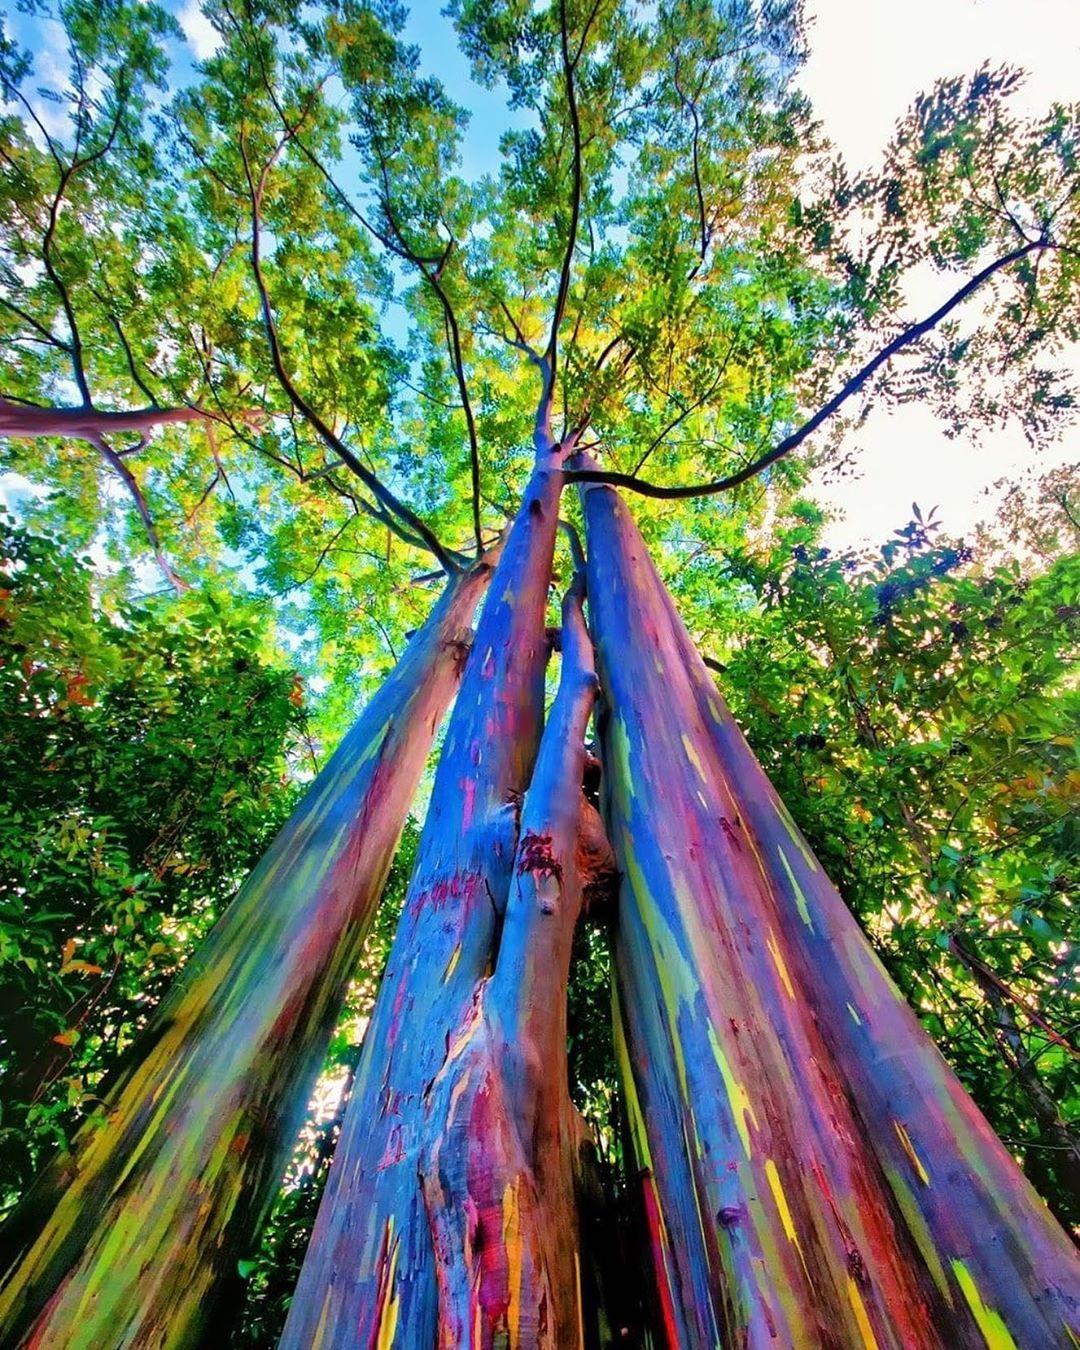 The Rainbow Eucalyptus - Hawaii